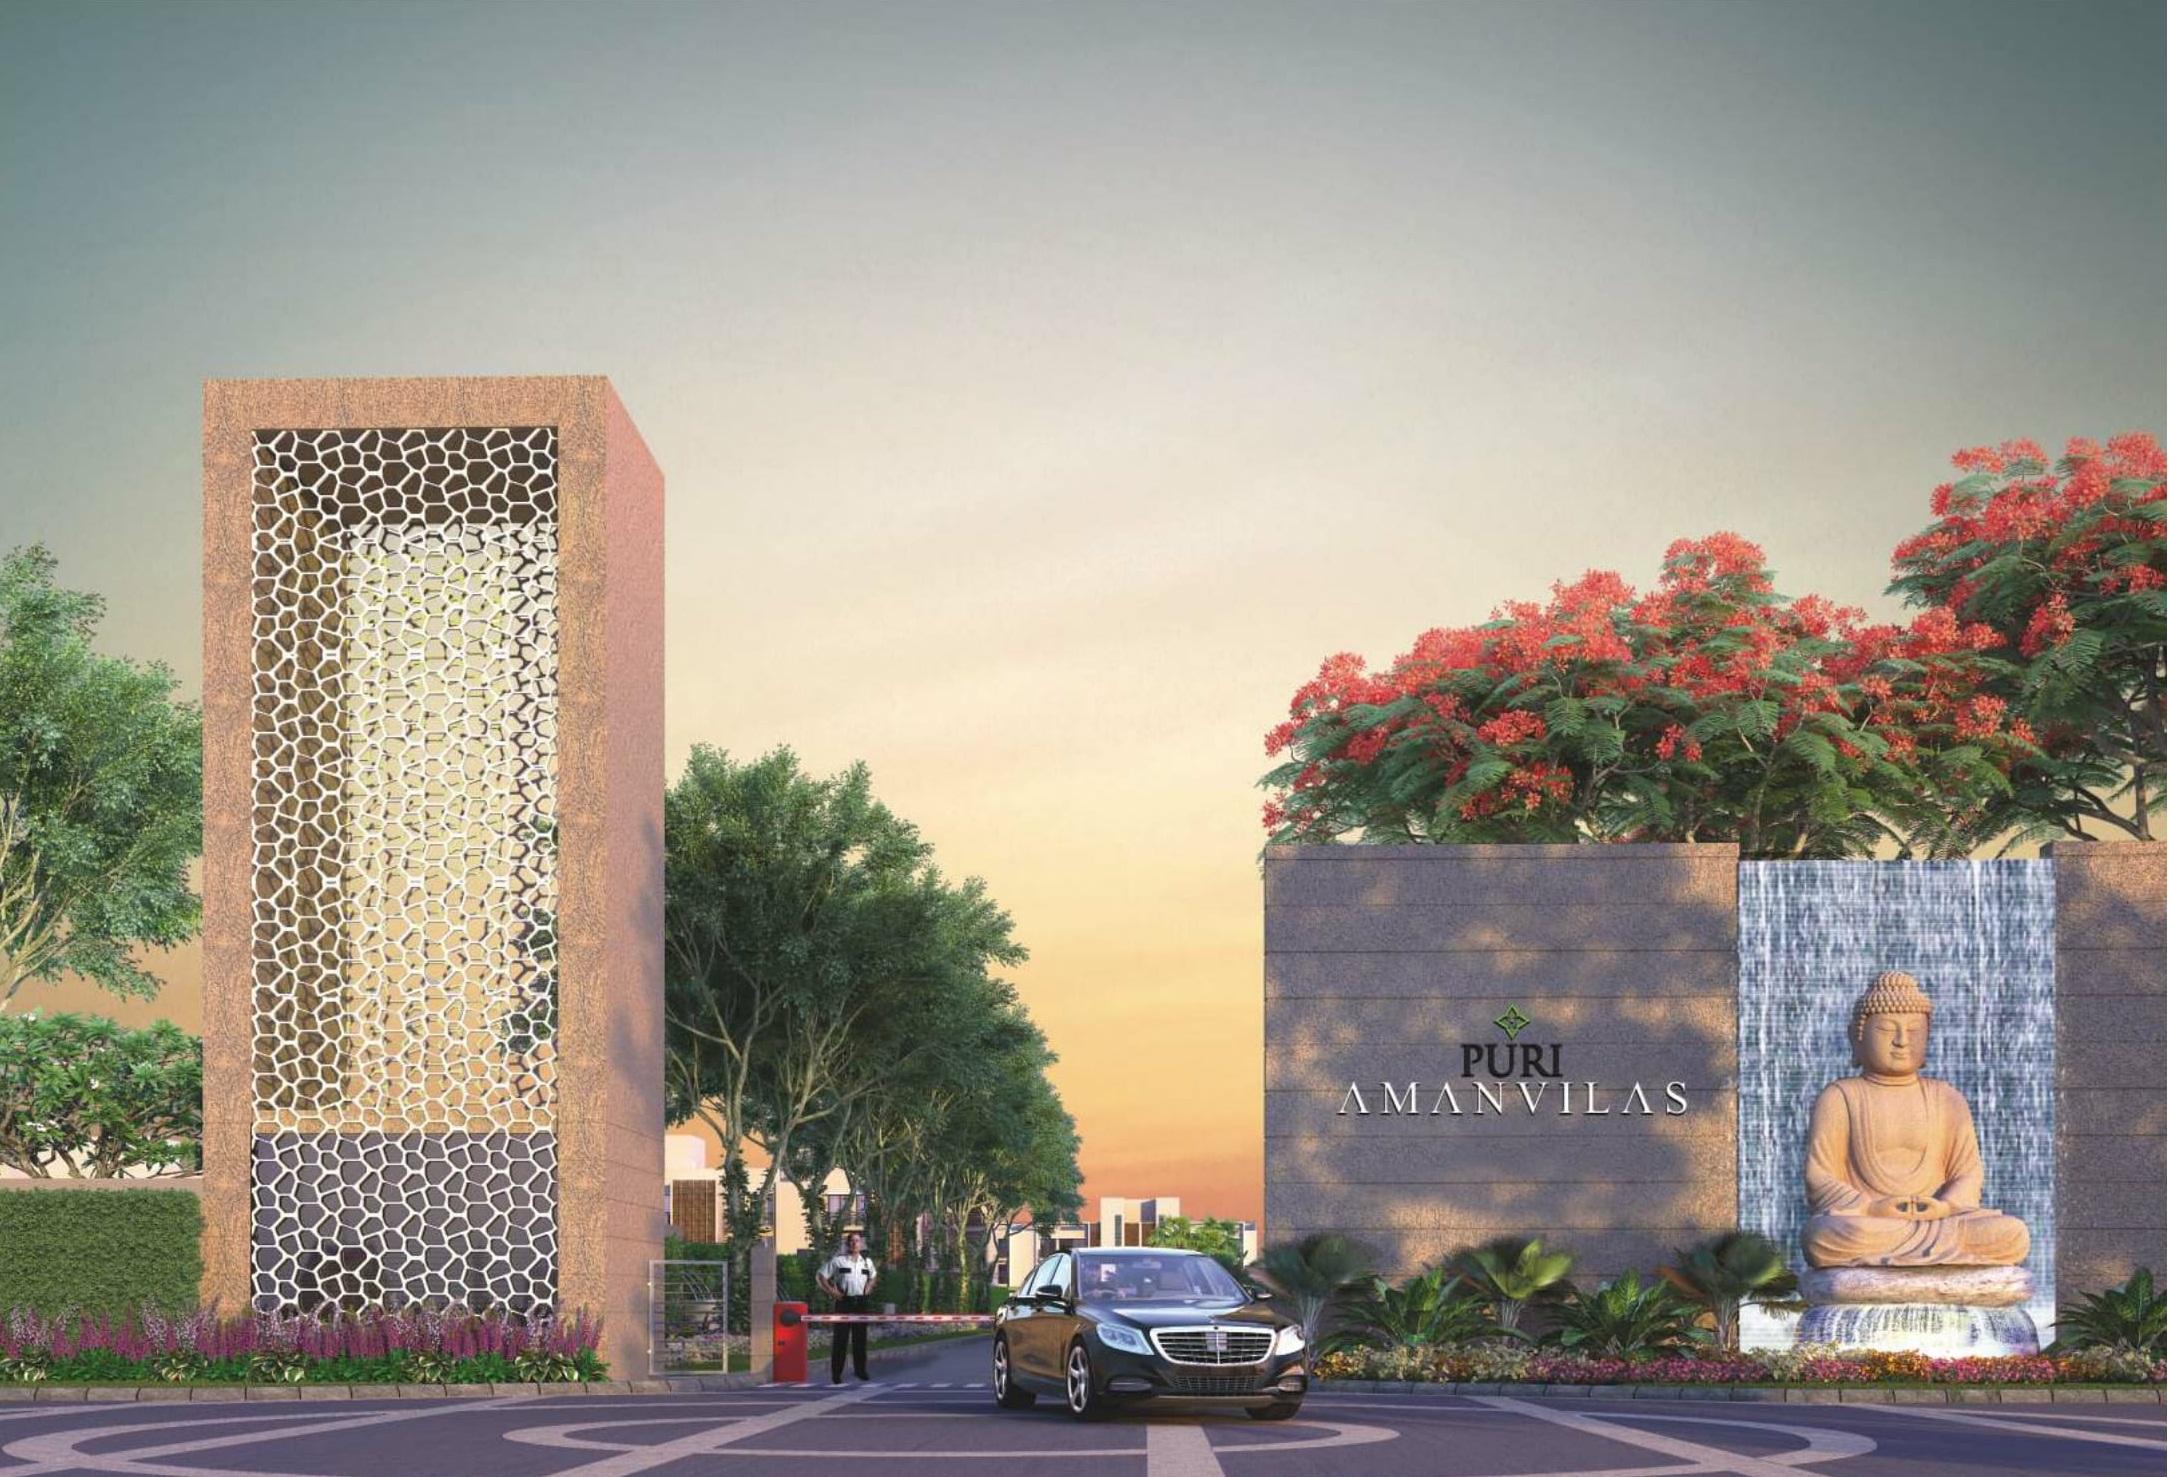 Puri Lavender Floors - Puri Aman Vilas Floors - Puri Aman Villas plotsReal EstateApartments  For SaleFaridabadOld Faridabad